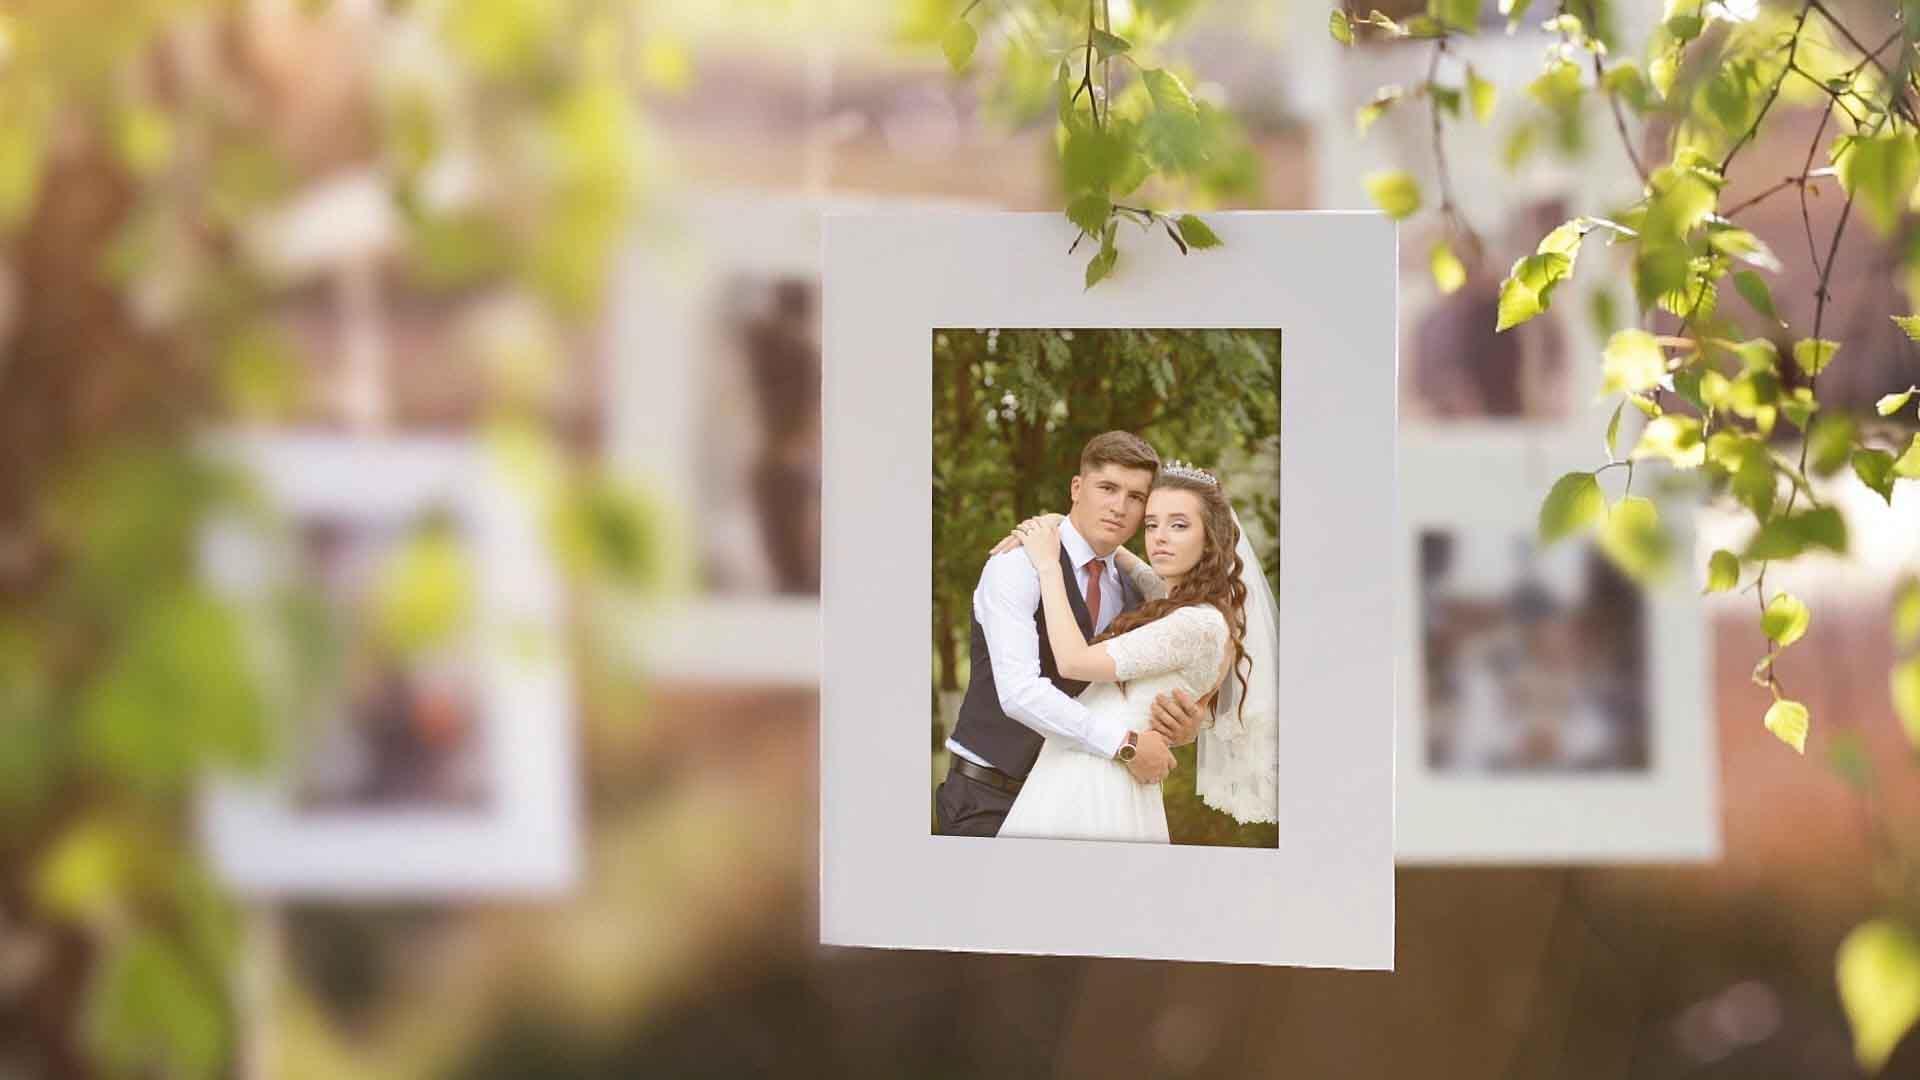 фотограф на свадьбу, фотосъемка свадьбы, свадебный фотограф, свадебная фотосессия, свадебная фотосъемка